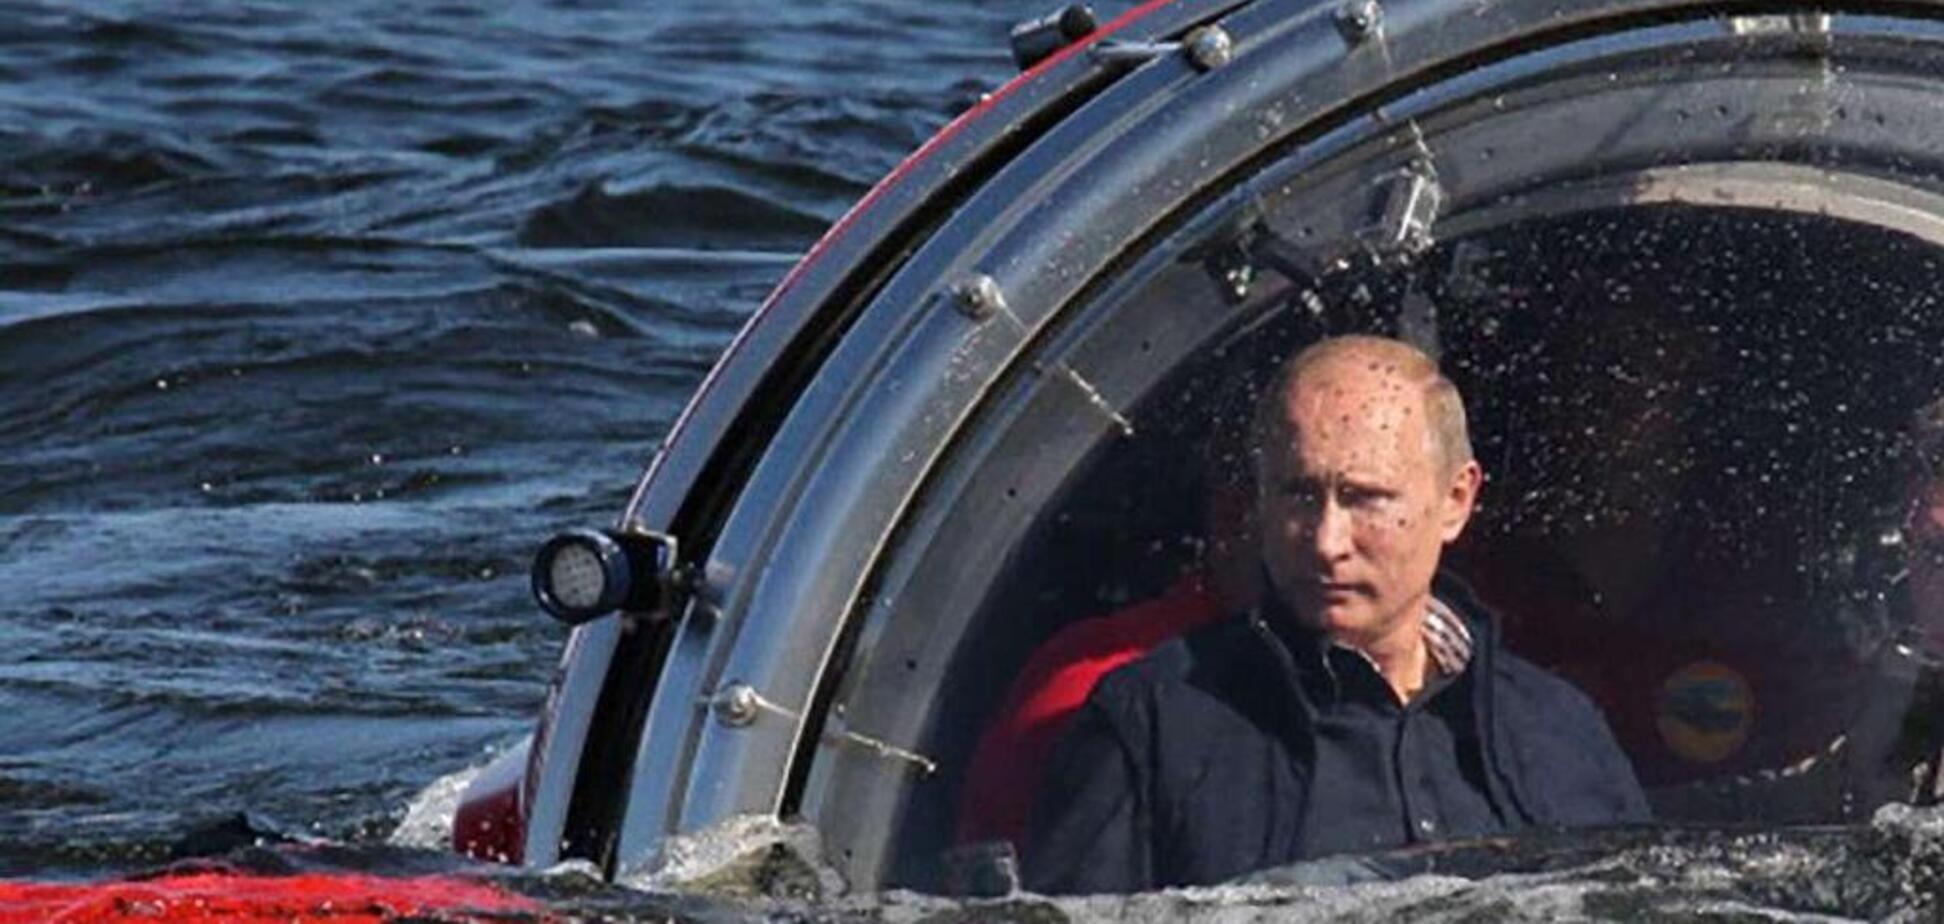 Путин должен уйти, это будет самой лучшей реформой для России